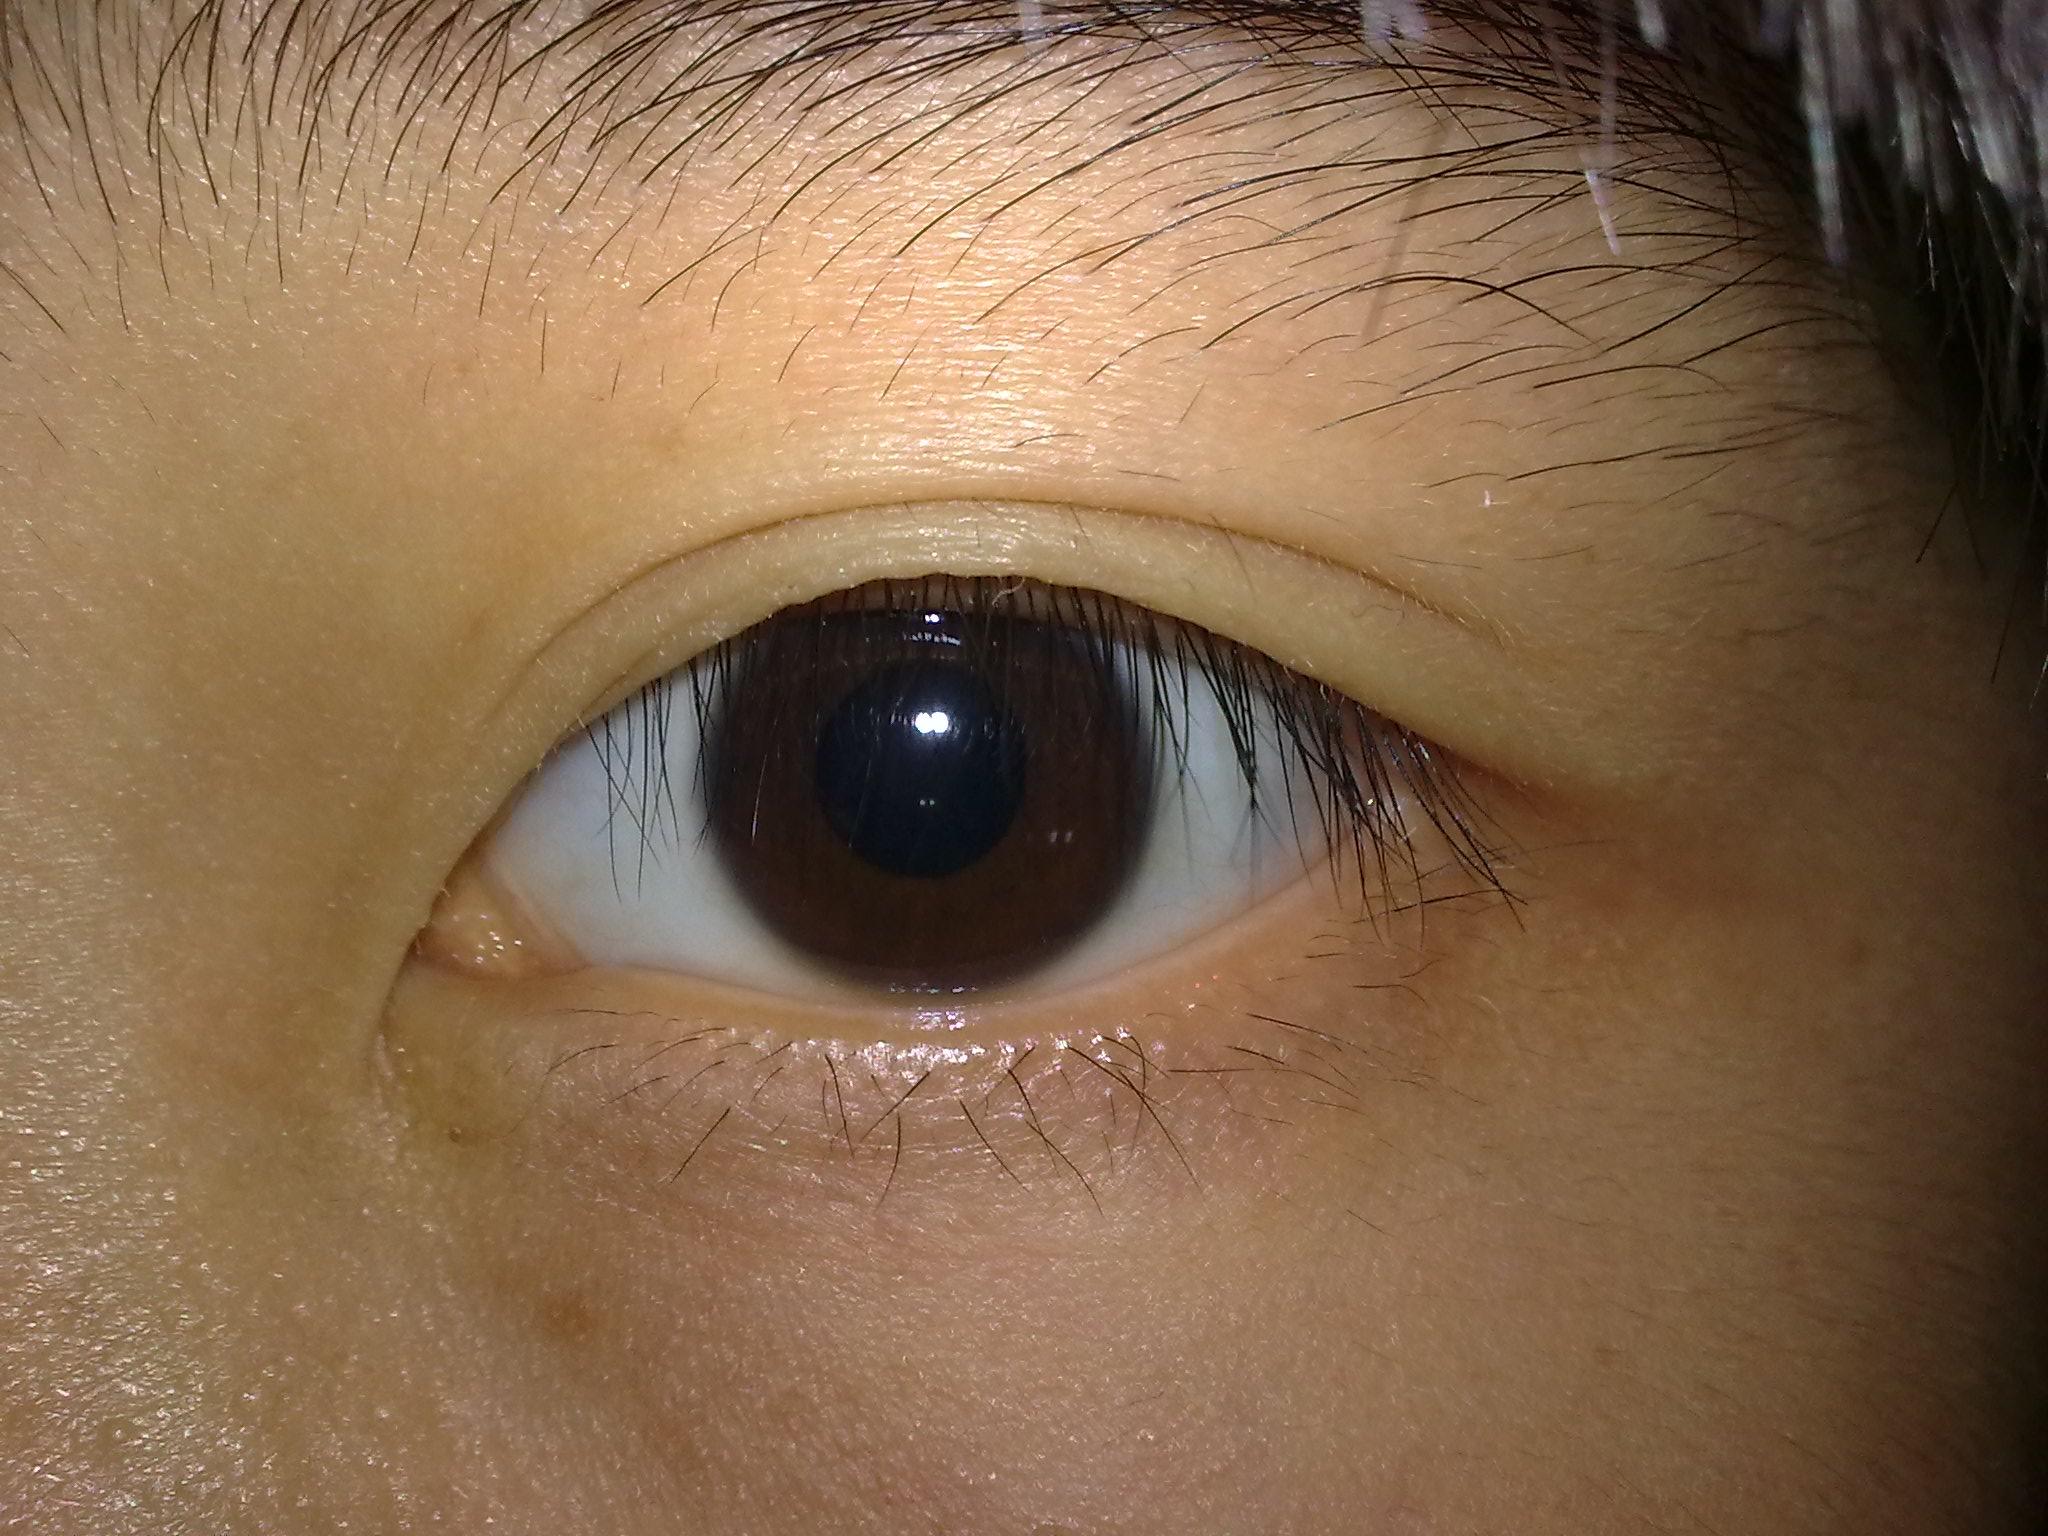 眼睛充血_有着这样的眼睛的人有什么性格?